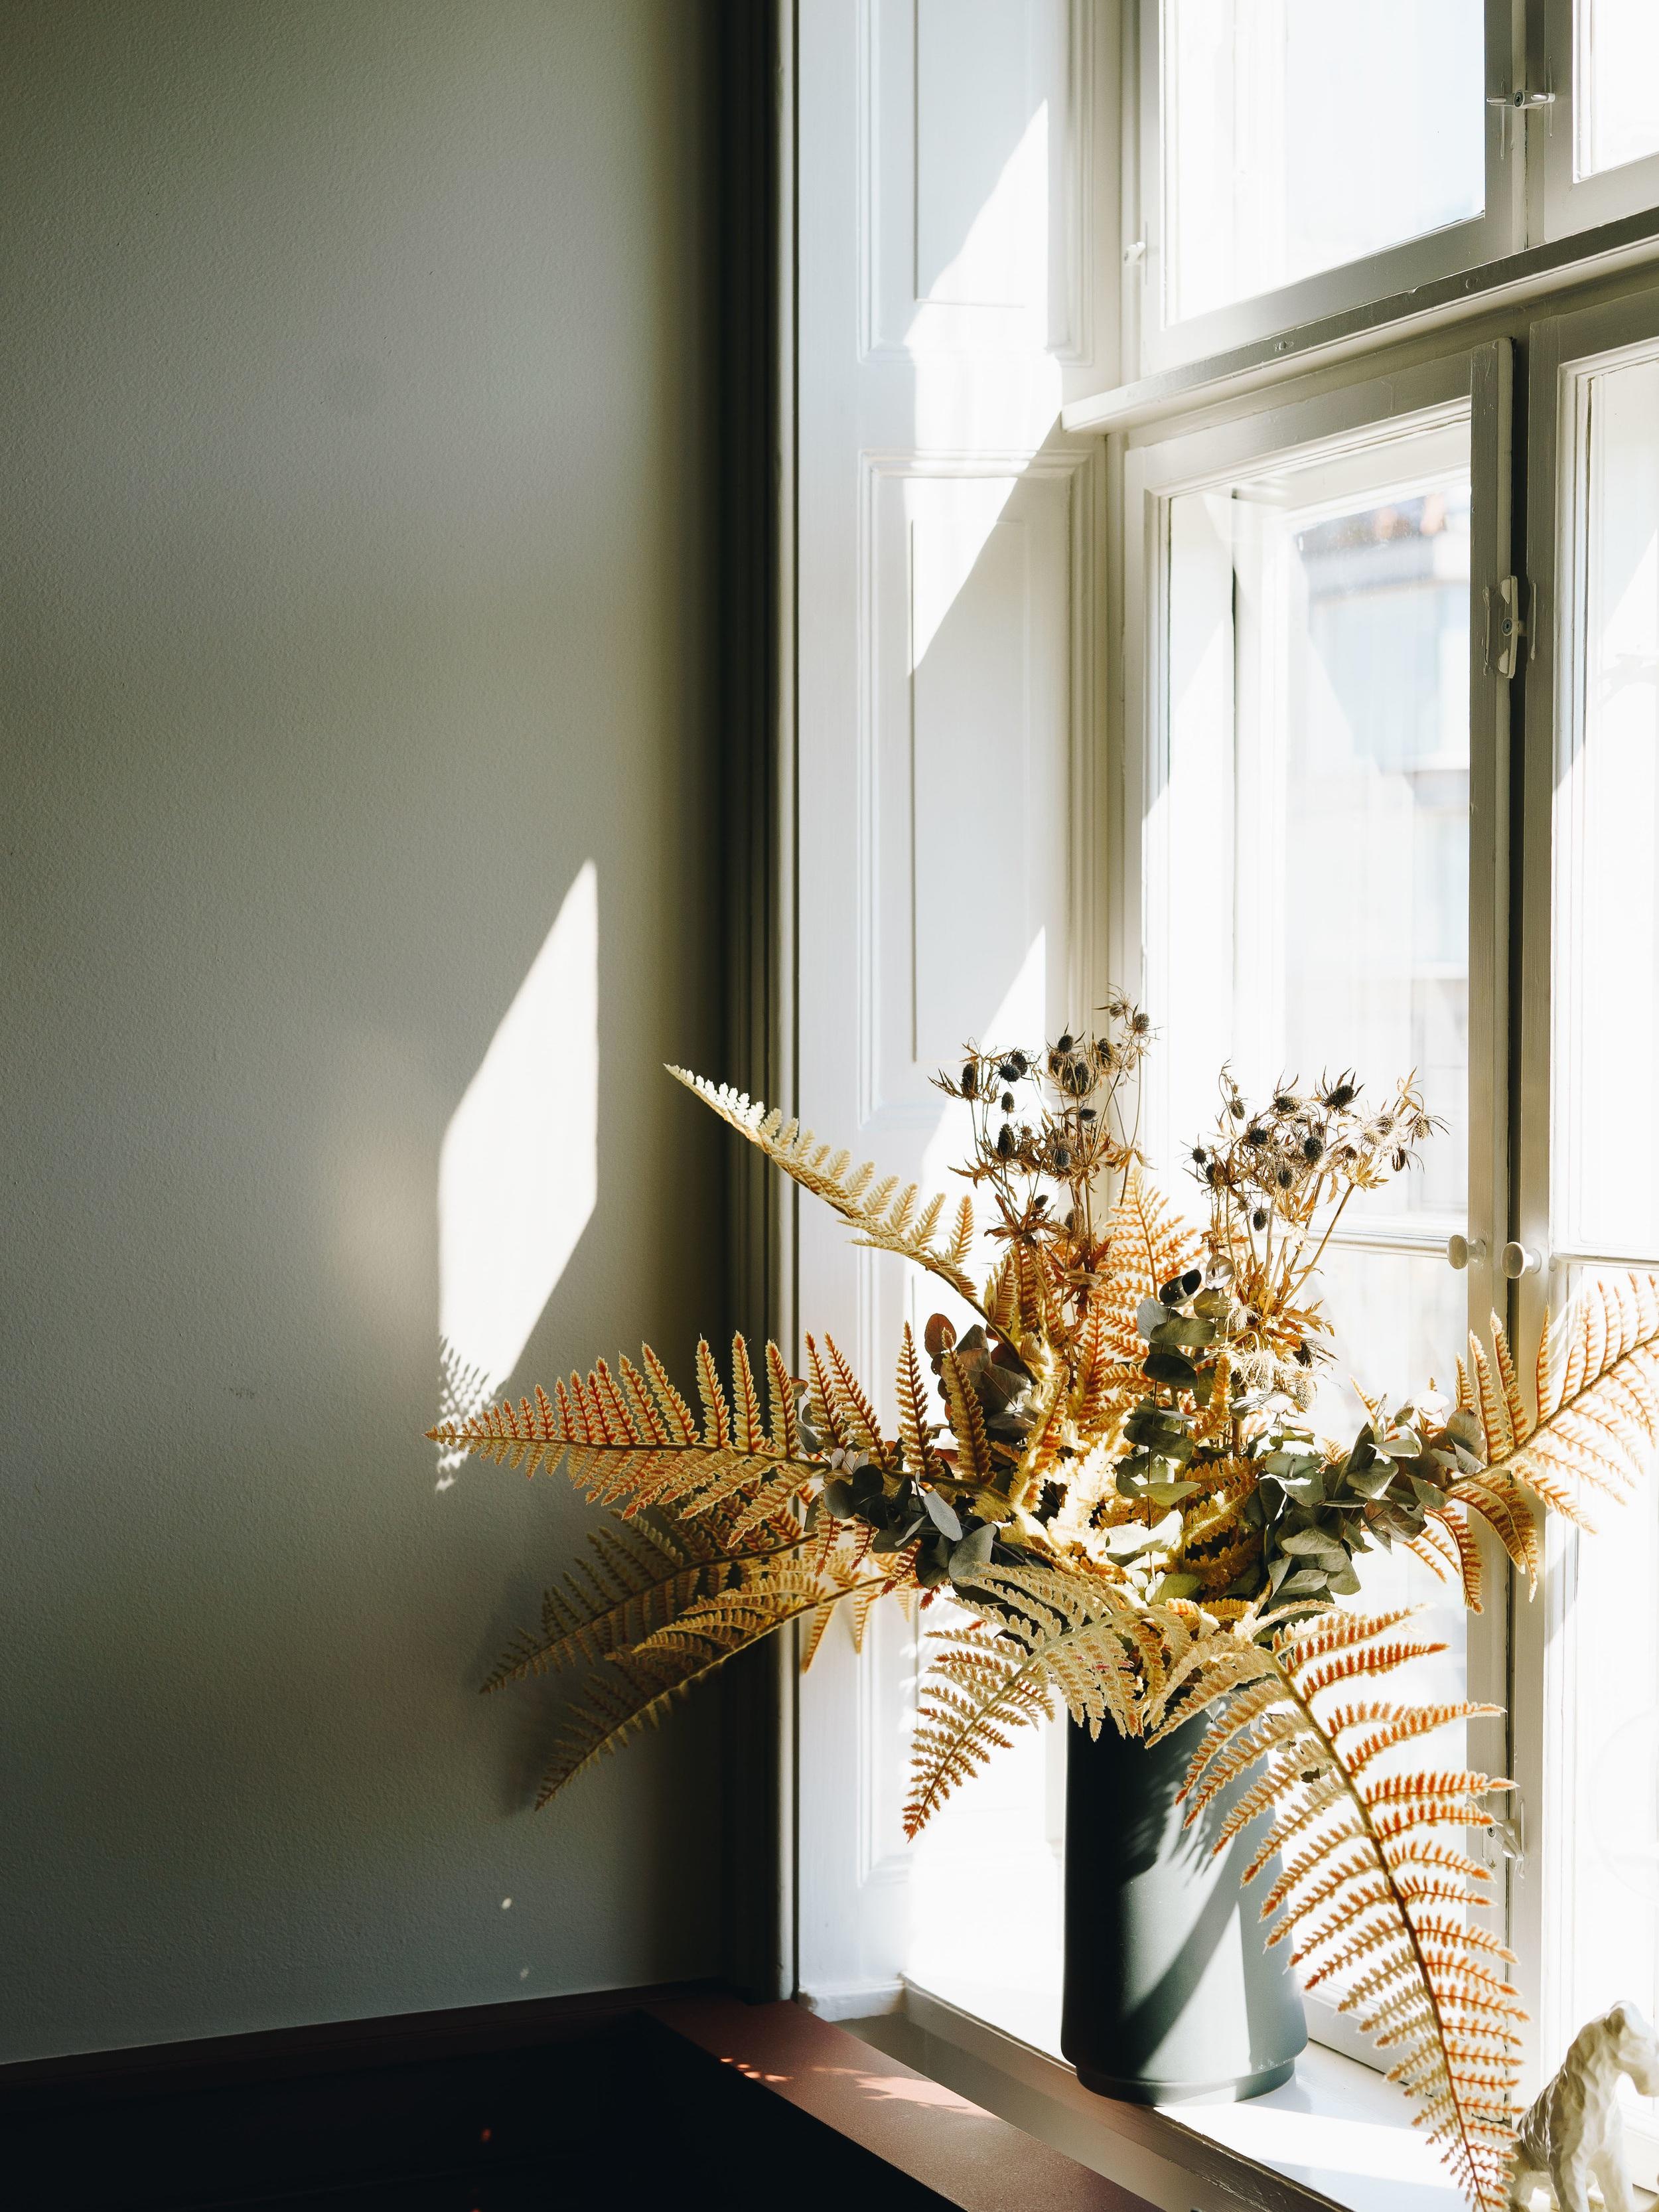 ASROSENVINGE_The+Home+by+Ferm+Living_Copenhagen-08738.jpg